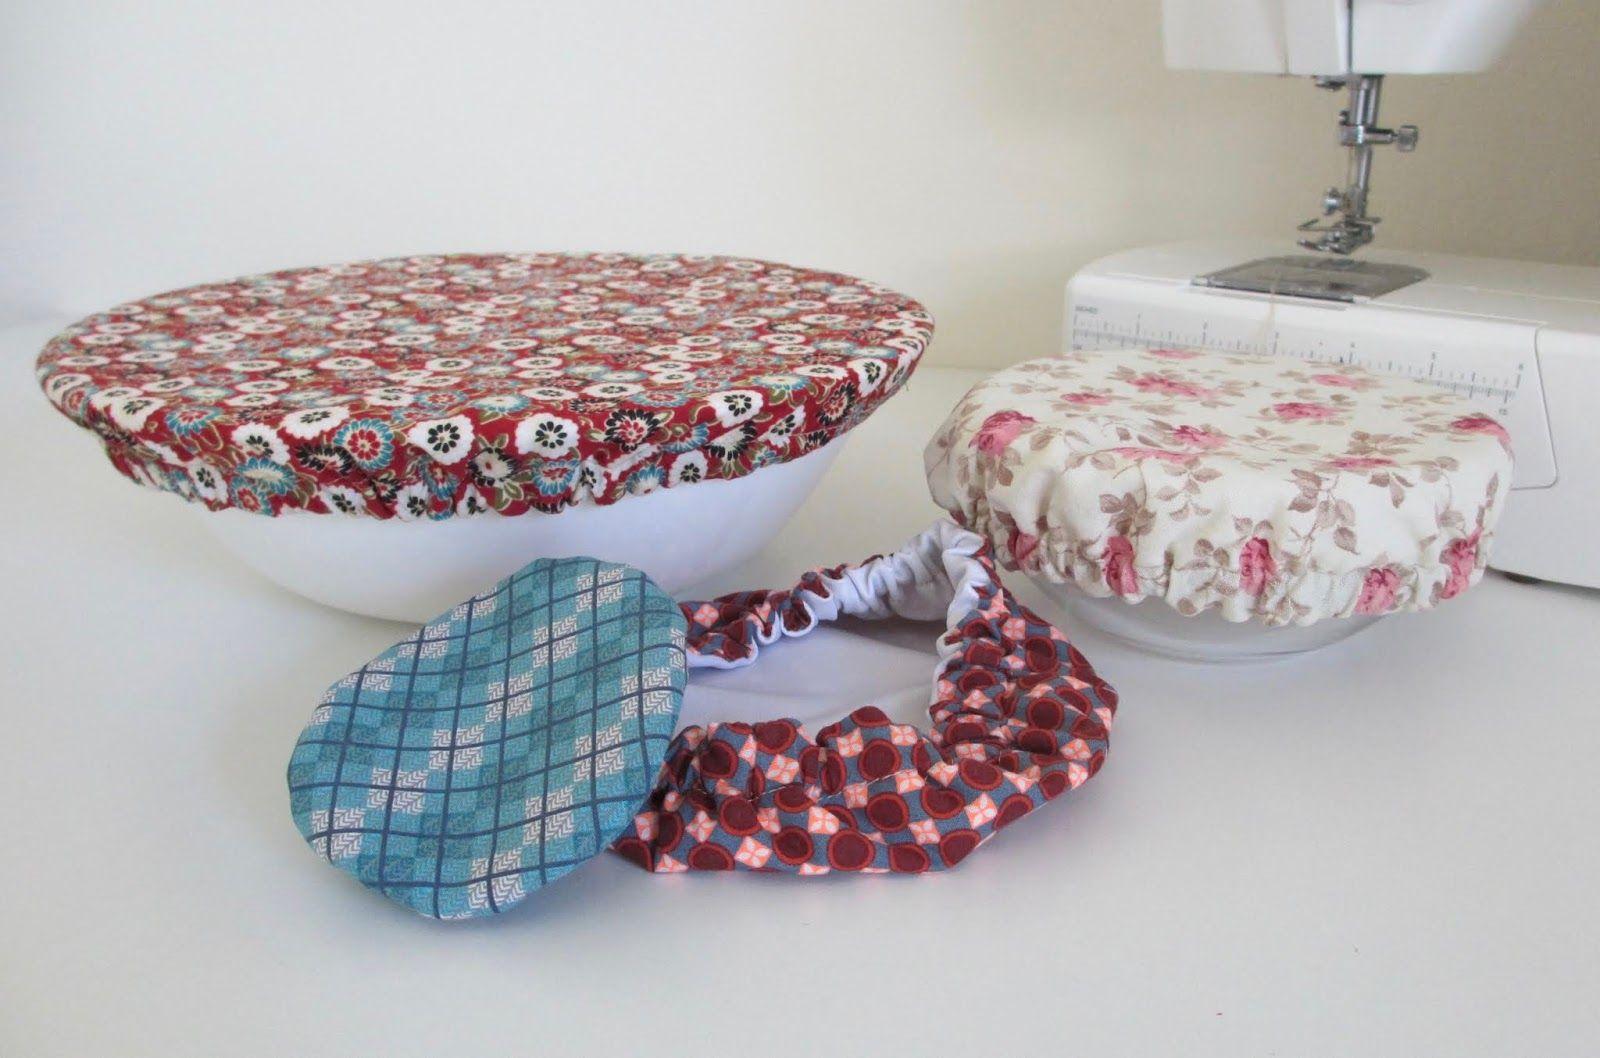 Tuto zéro déchet : le couvercle alimentaire en tissu lavable #couturezerodechet